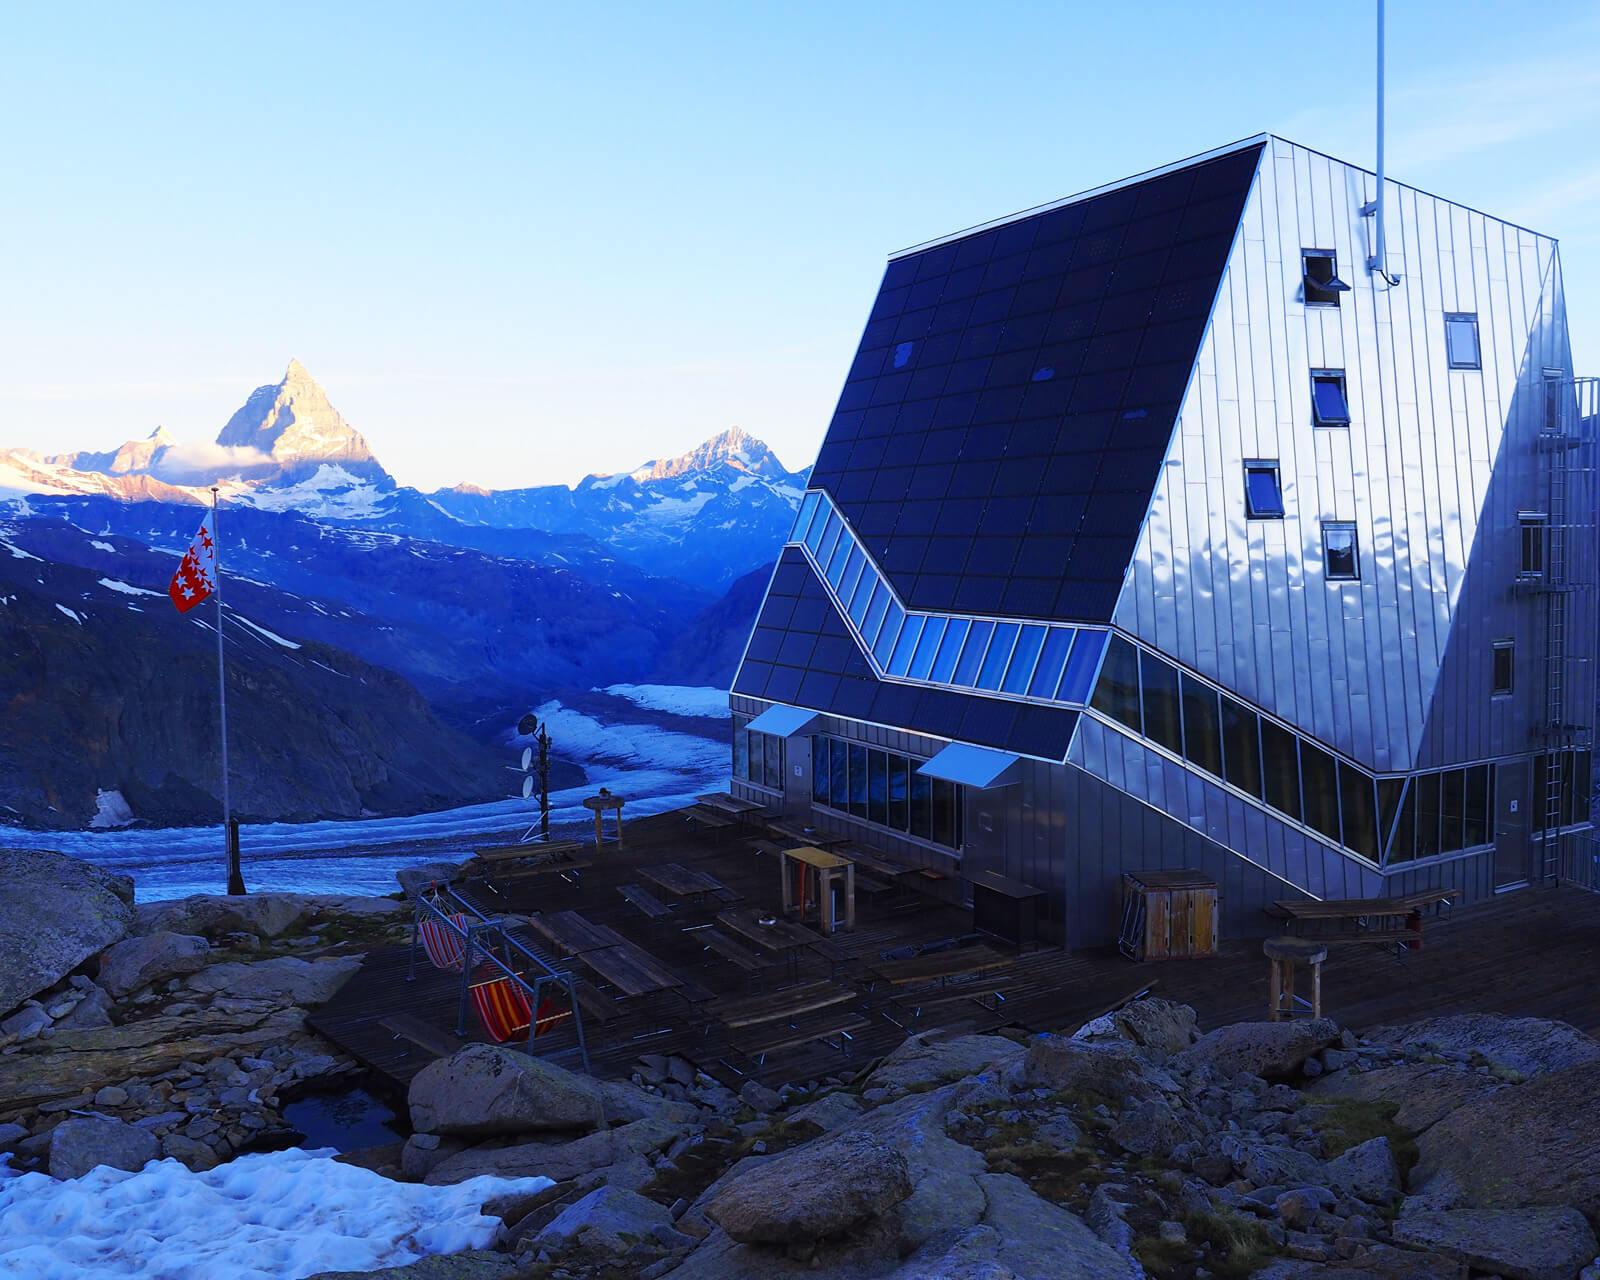 Die Monte-Rosa-Hütte versorgt sich bis zu 90 Prozent selbst mit Energie und ist daher das Symbol für energieeffiziente Hütten.